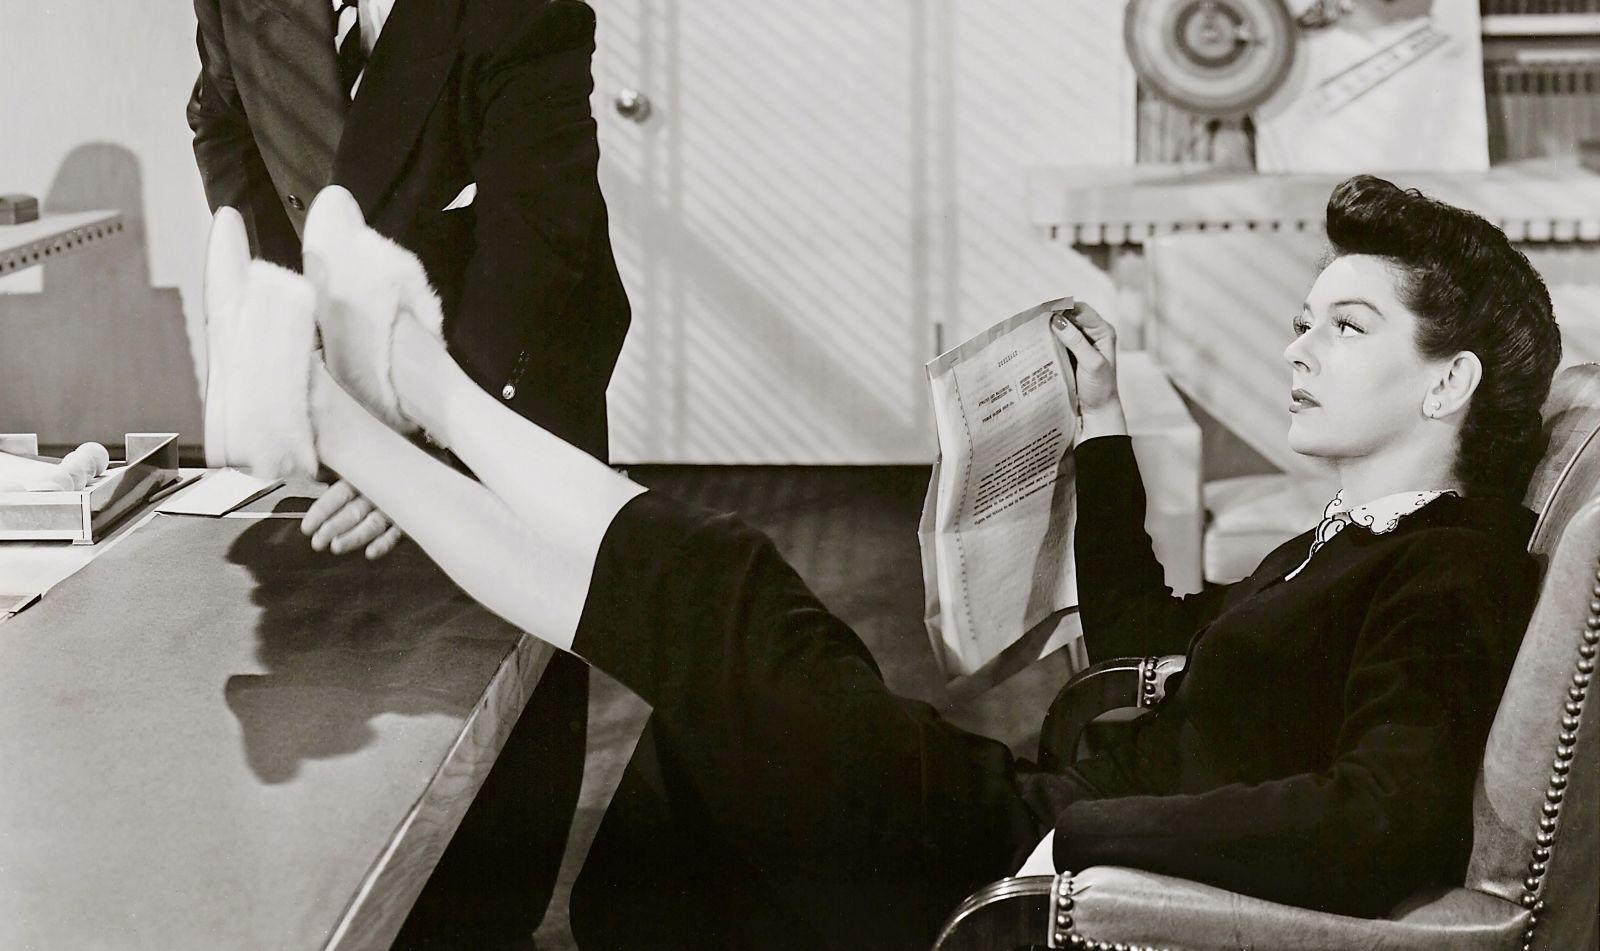 Schwarz-weiß-Szenenfoto: Frau sitzt am Schreibtisch, die Füße mit puscheligen Schuhen lässig auf den Tisch gelegt